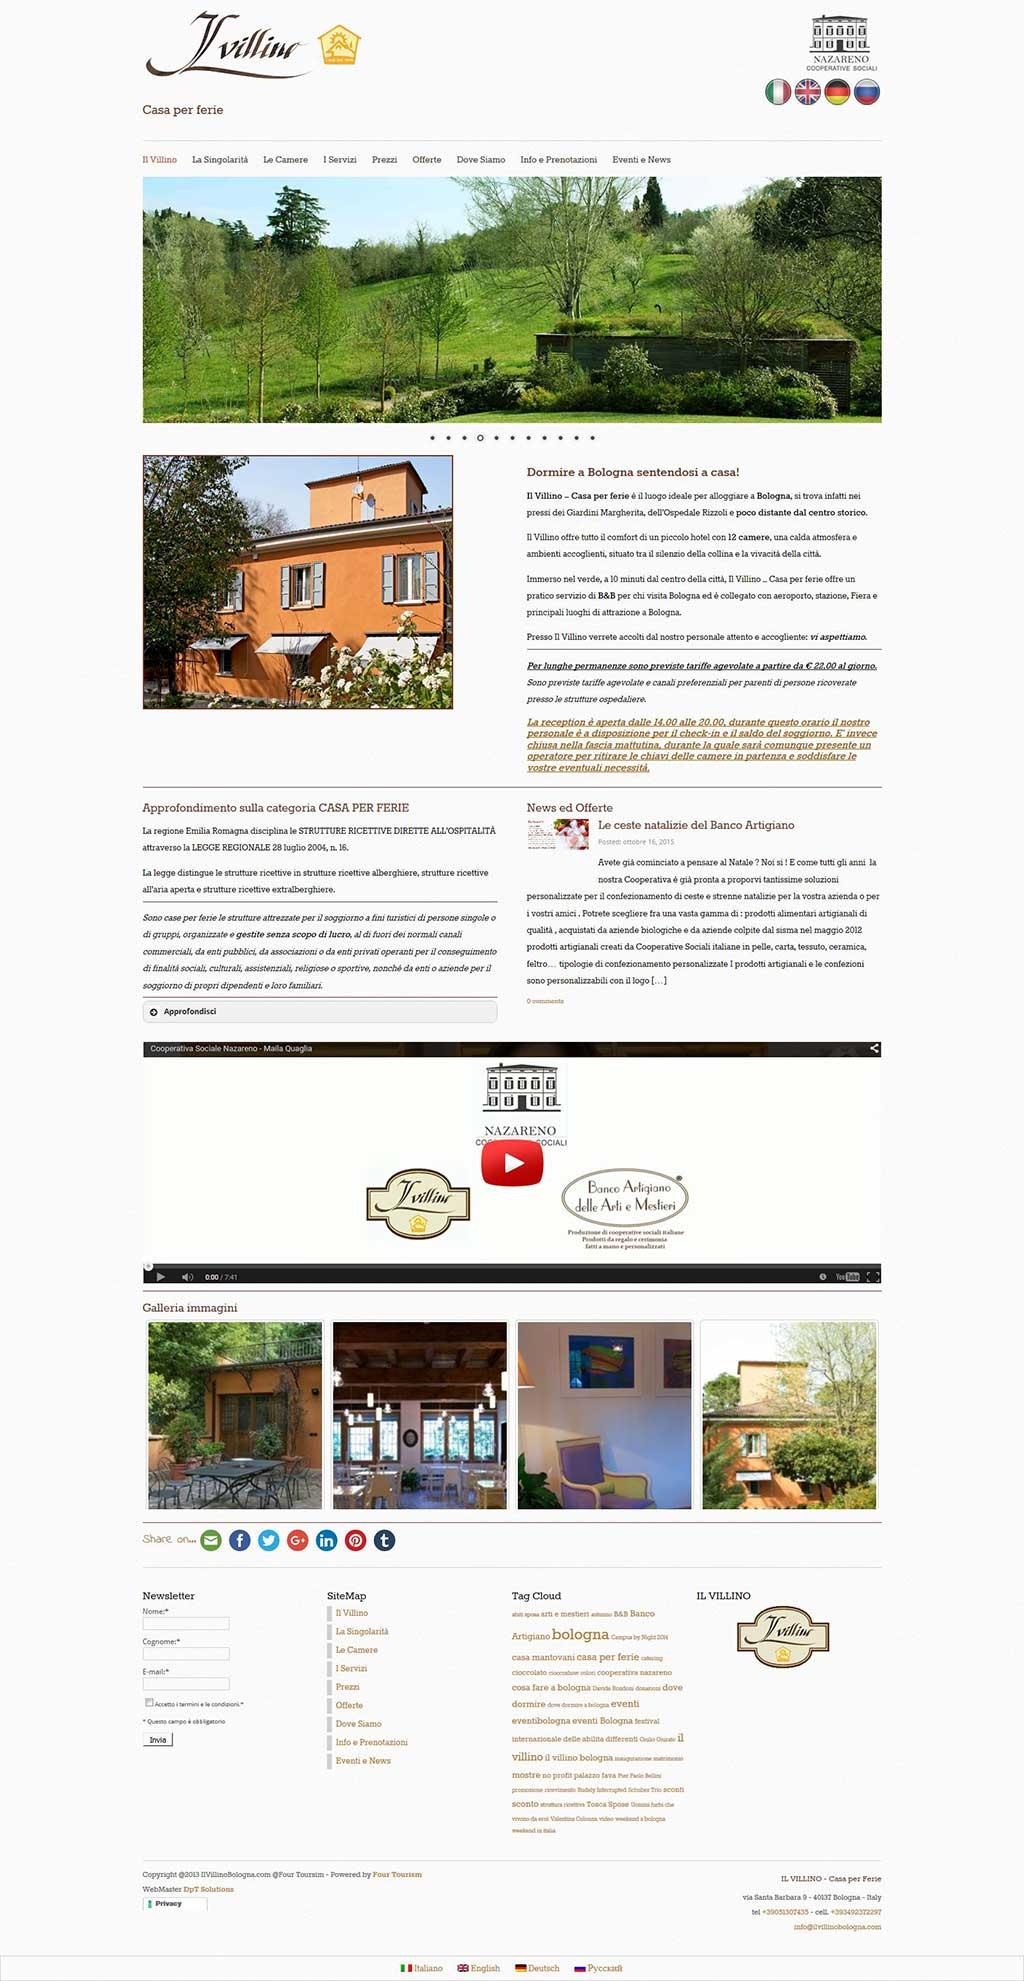 Il Villino Bologna sito web casa per ferie